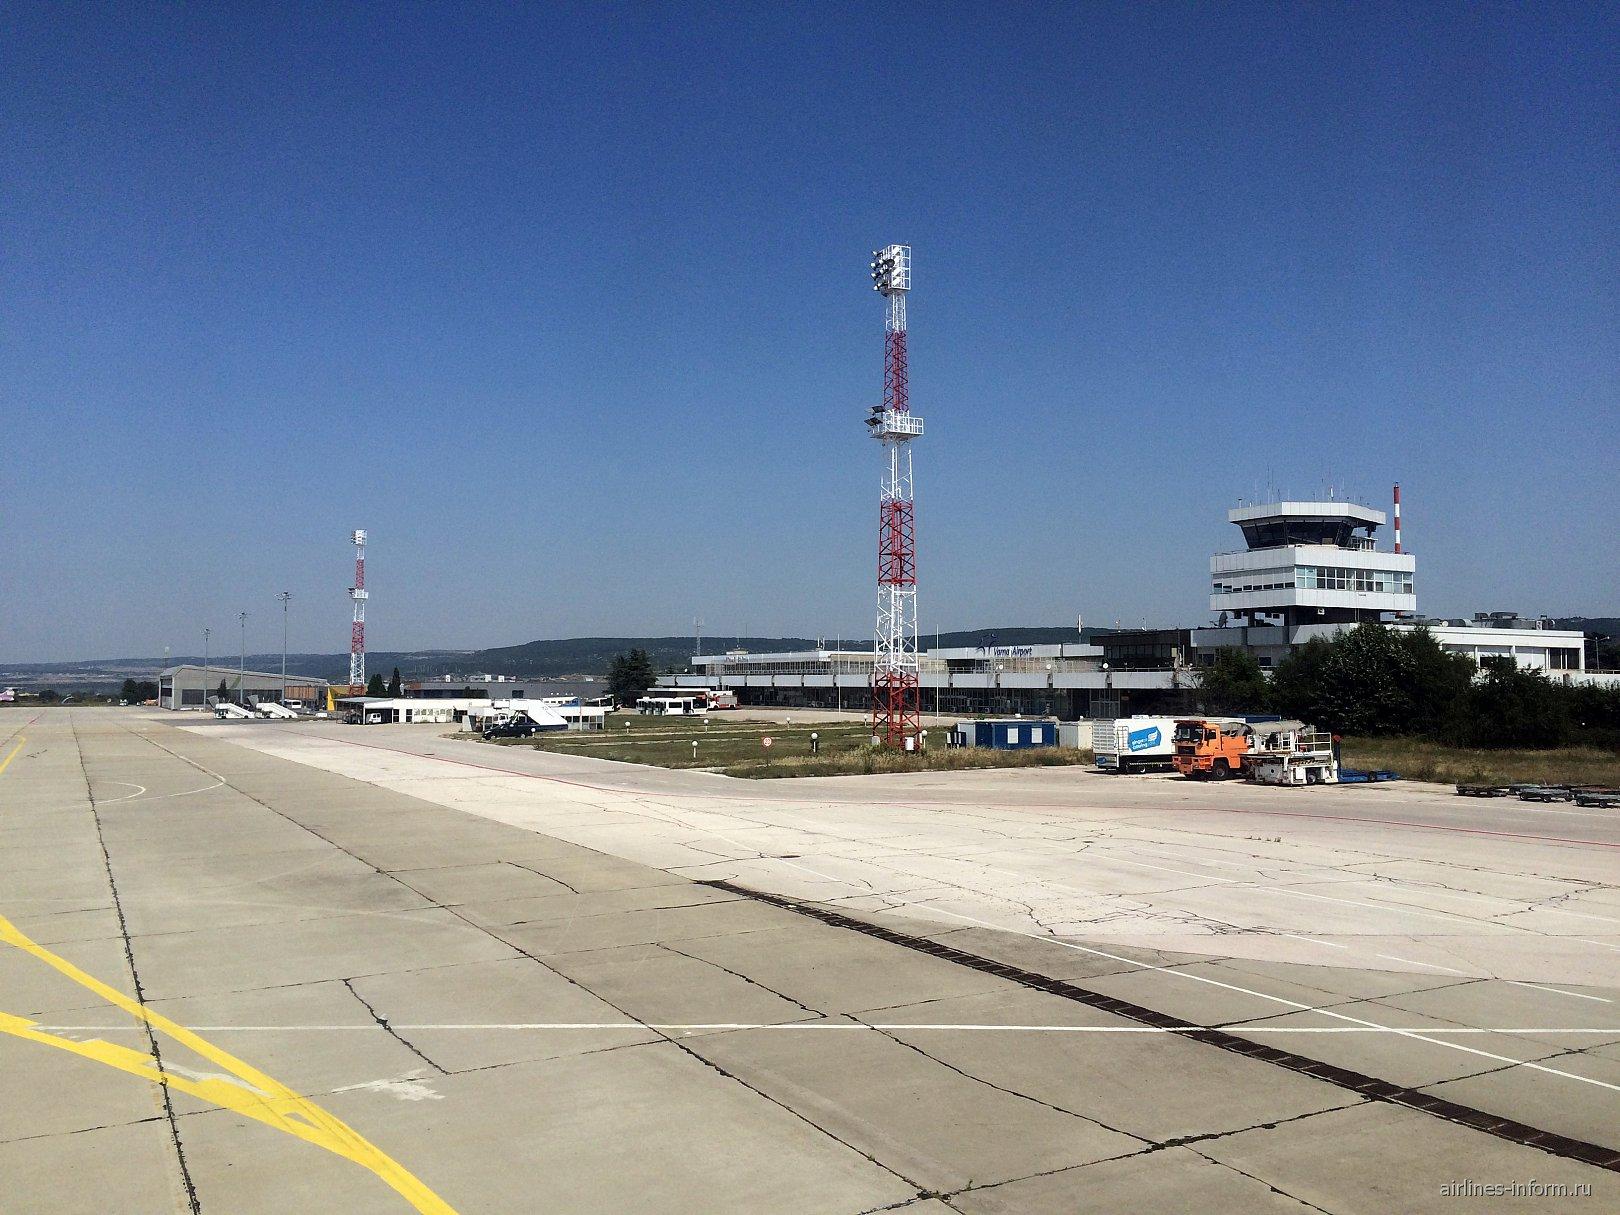 Старый аэровокзал аэропорта Варна